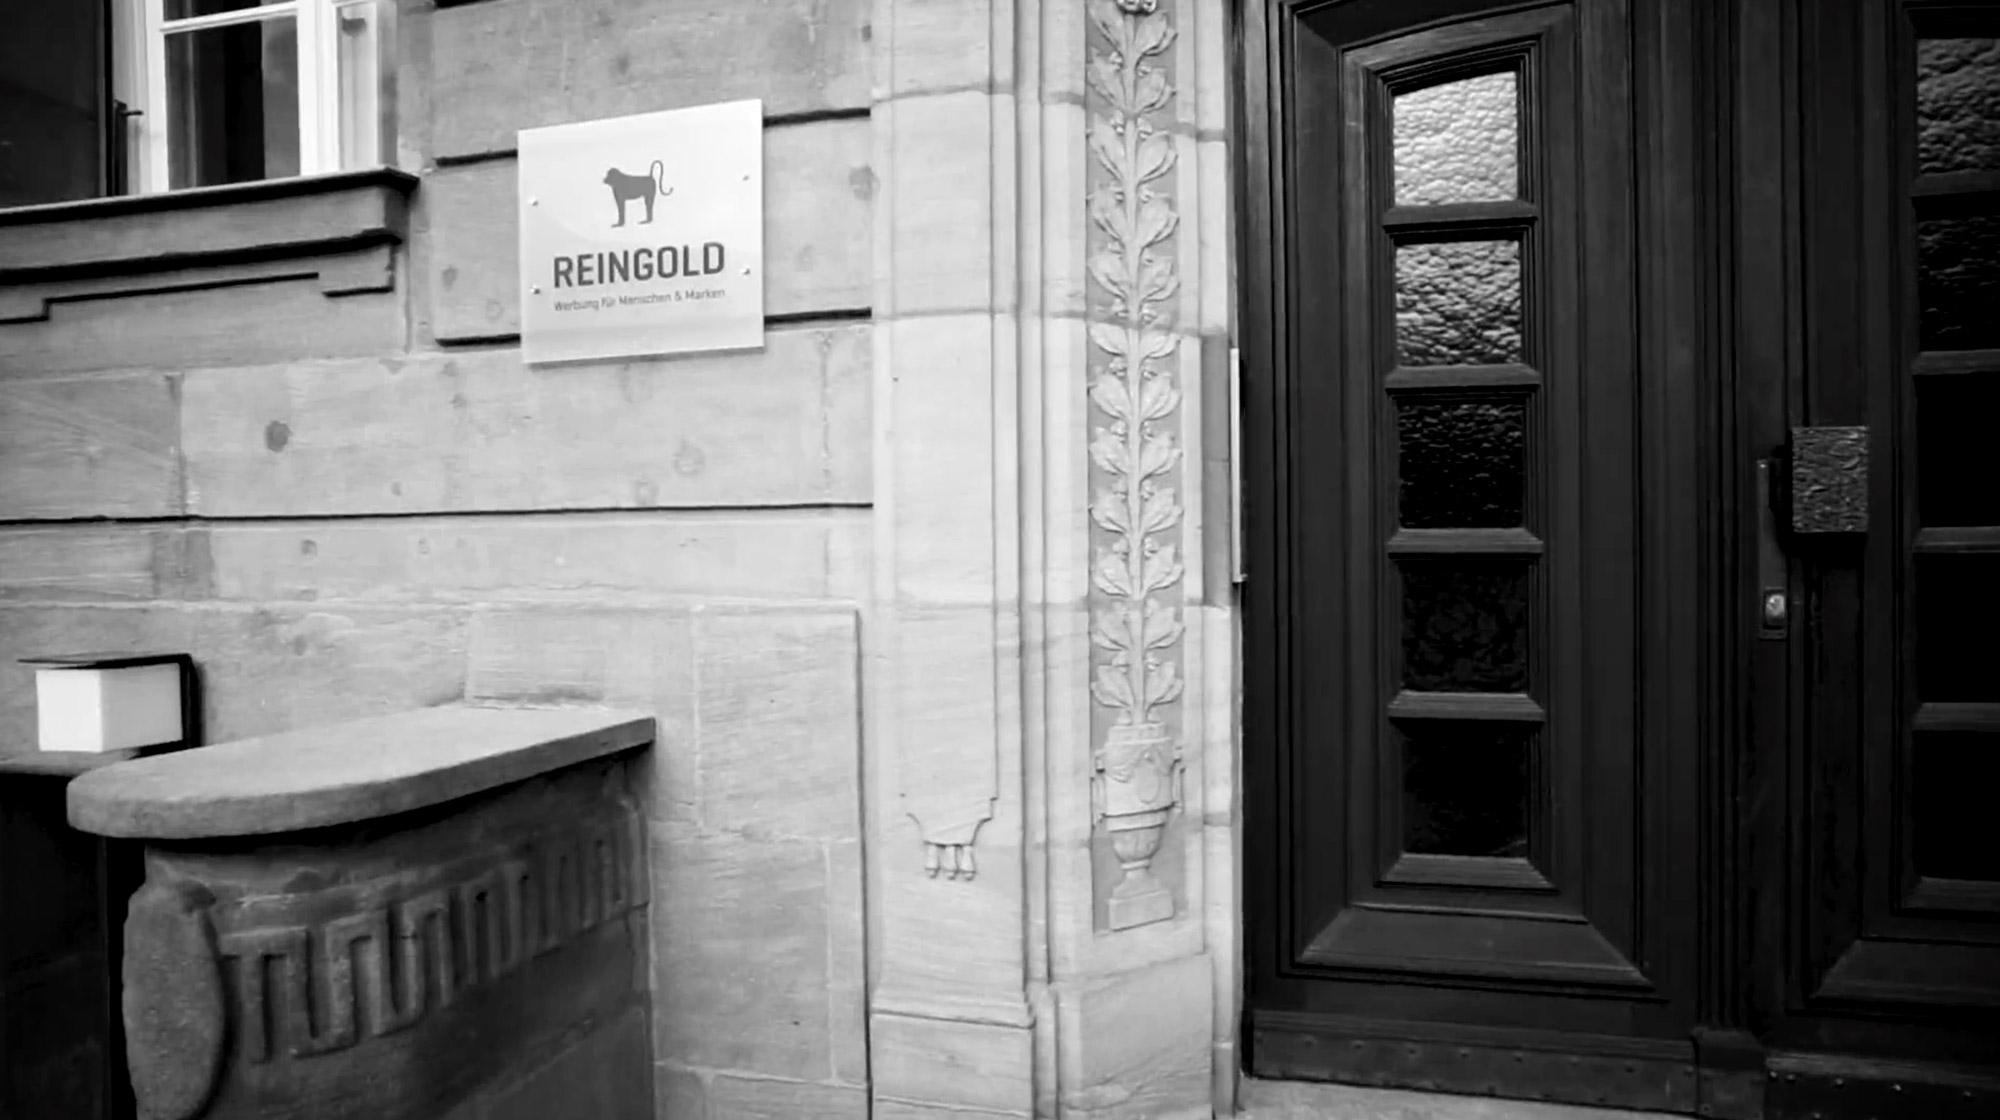 REINGOLD – Werbung für Menschen & Marken - Werbeagentur Nürnberg